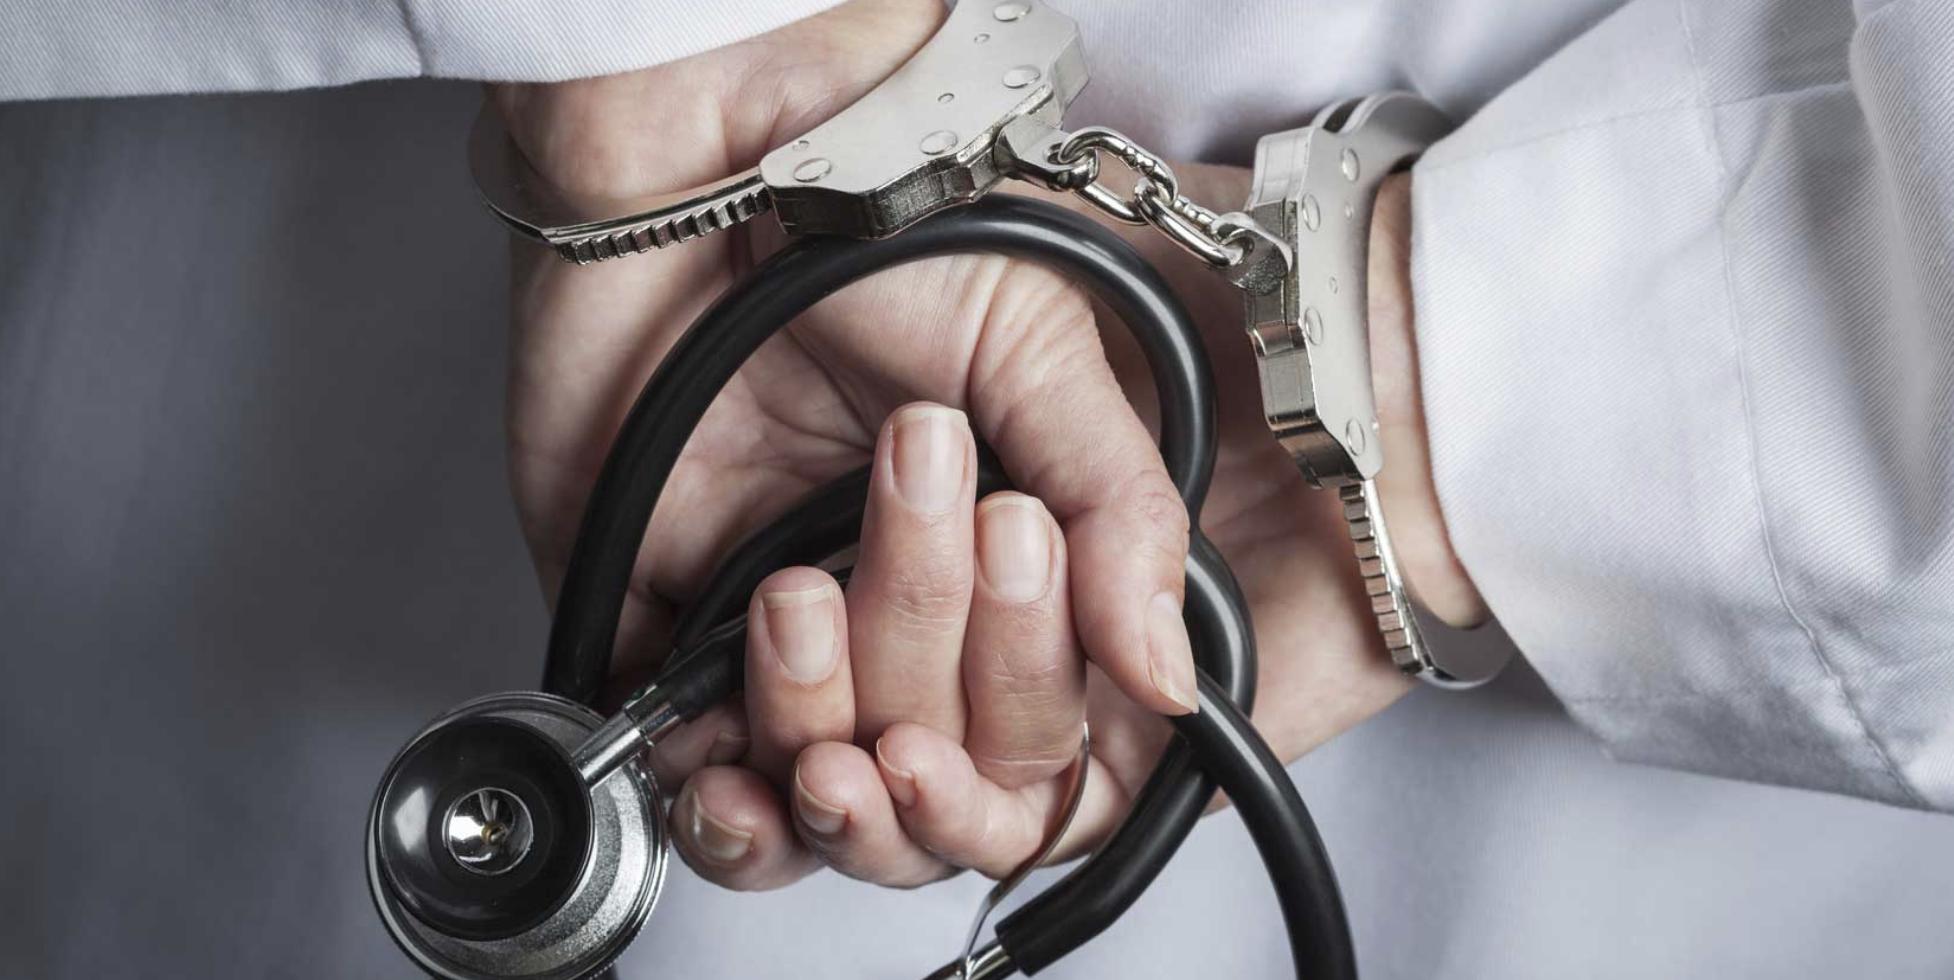 На Вінниччині судитимуть лікарку, через яку жінка втратила можливість народжувати